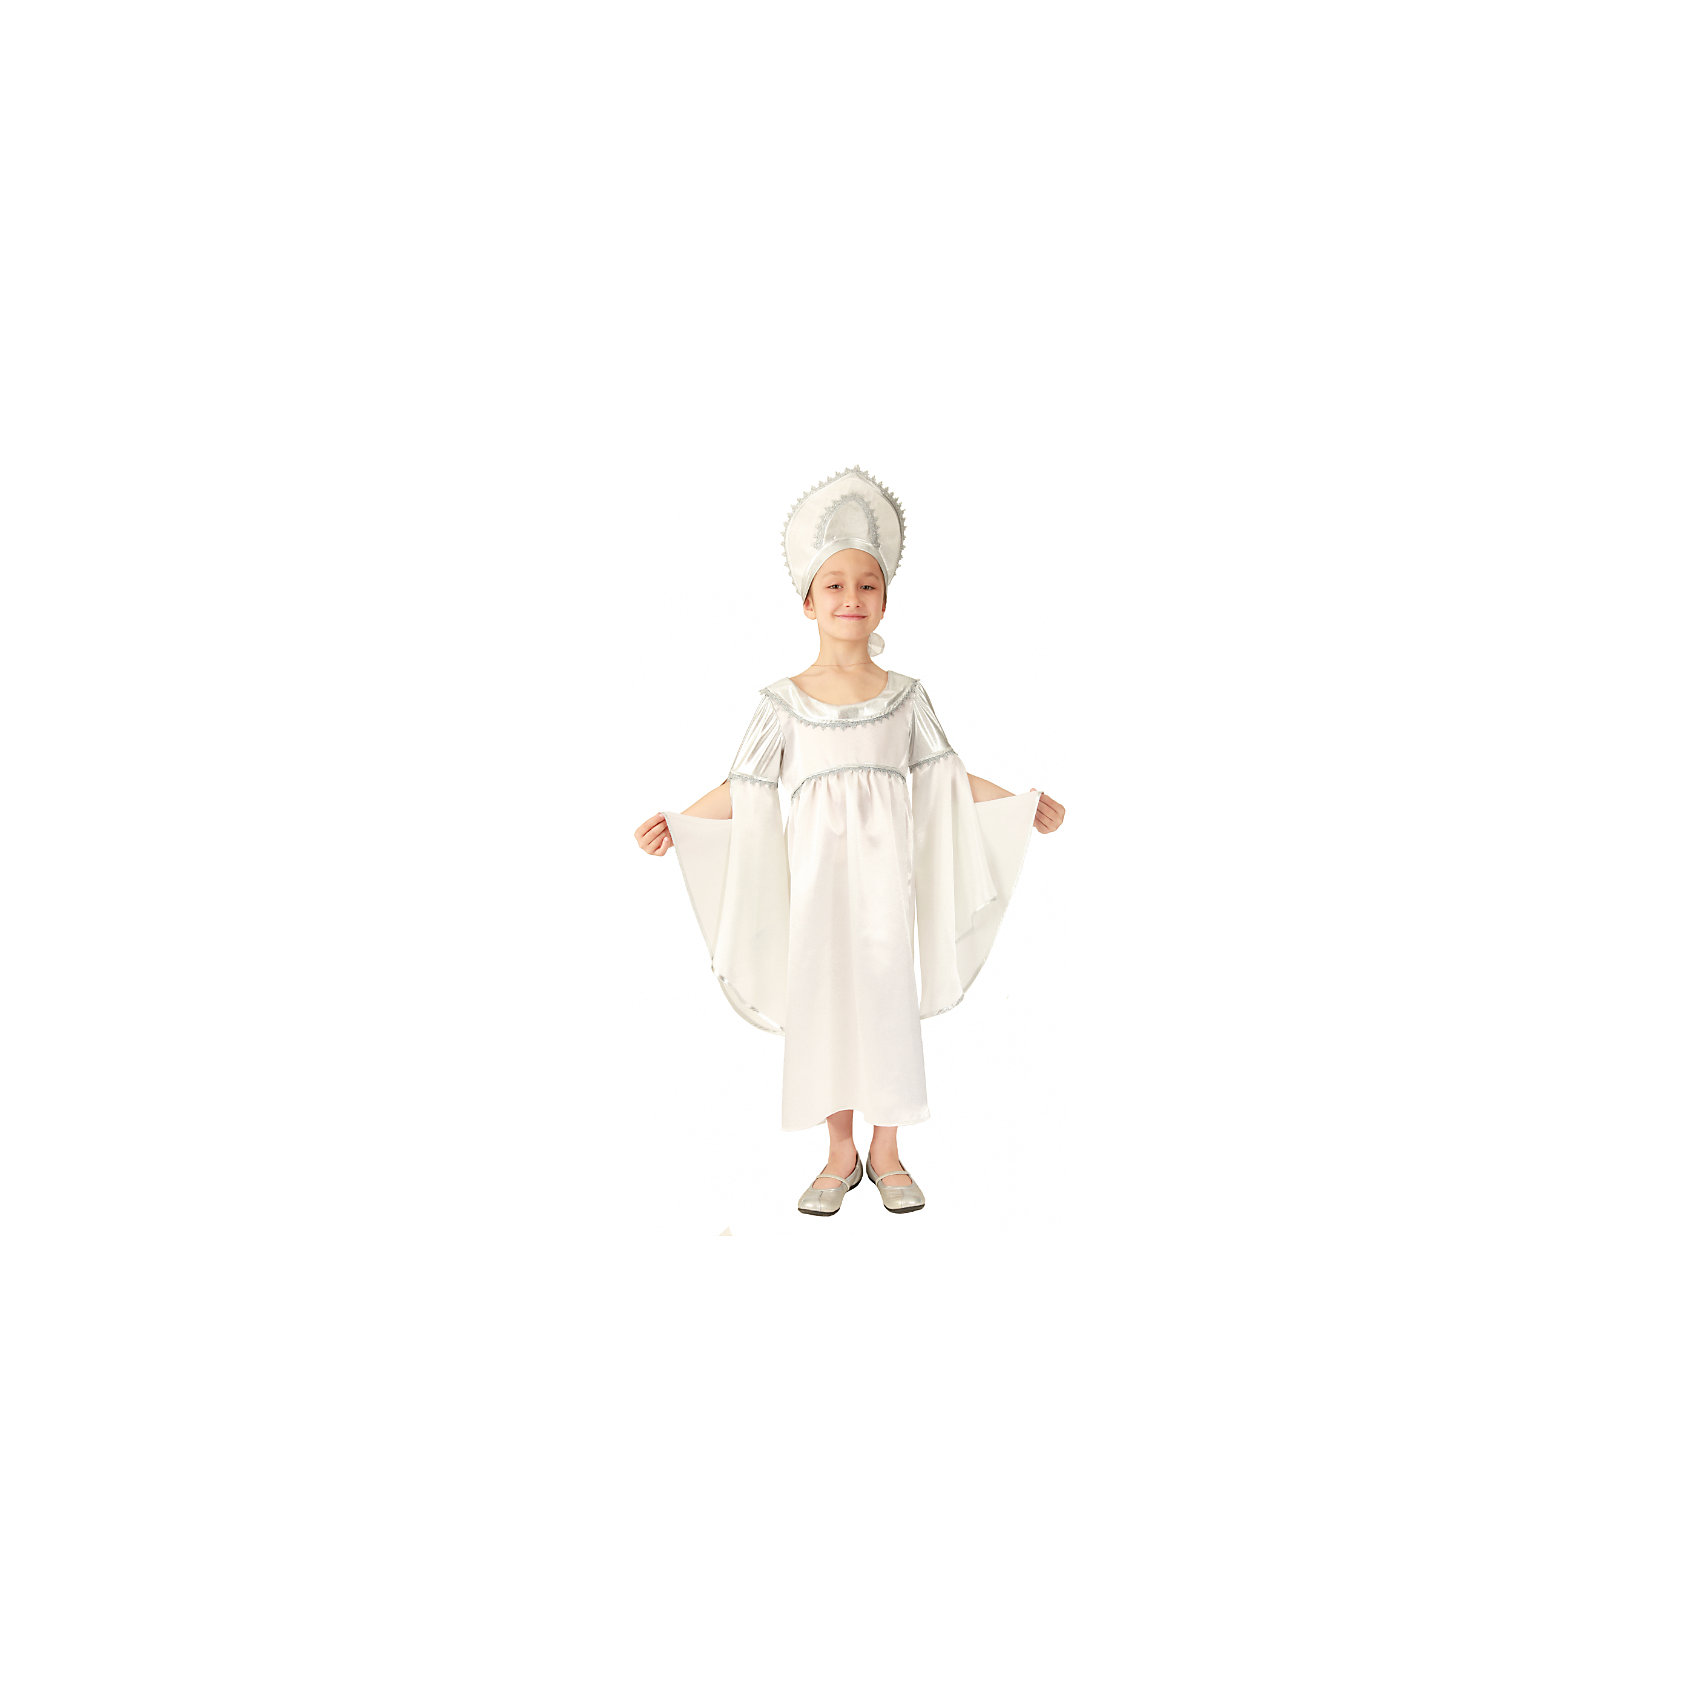 Вестифика Карнавальный костюм Метель, Вестифика вестифика карнавальный костюм для мальчика зайчонок вестифика